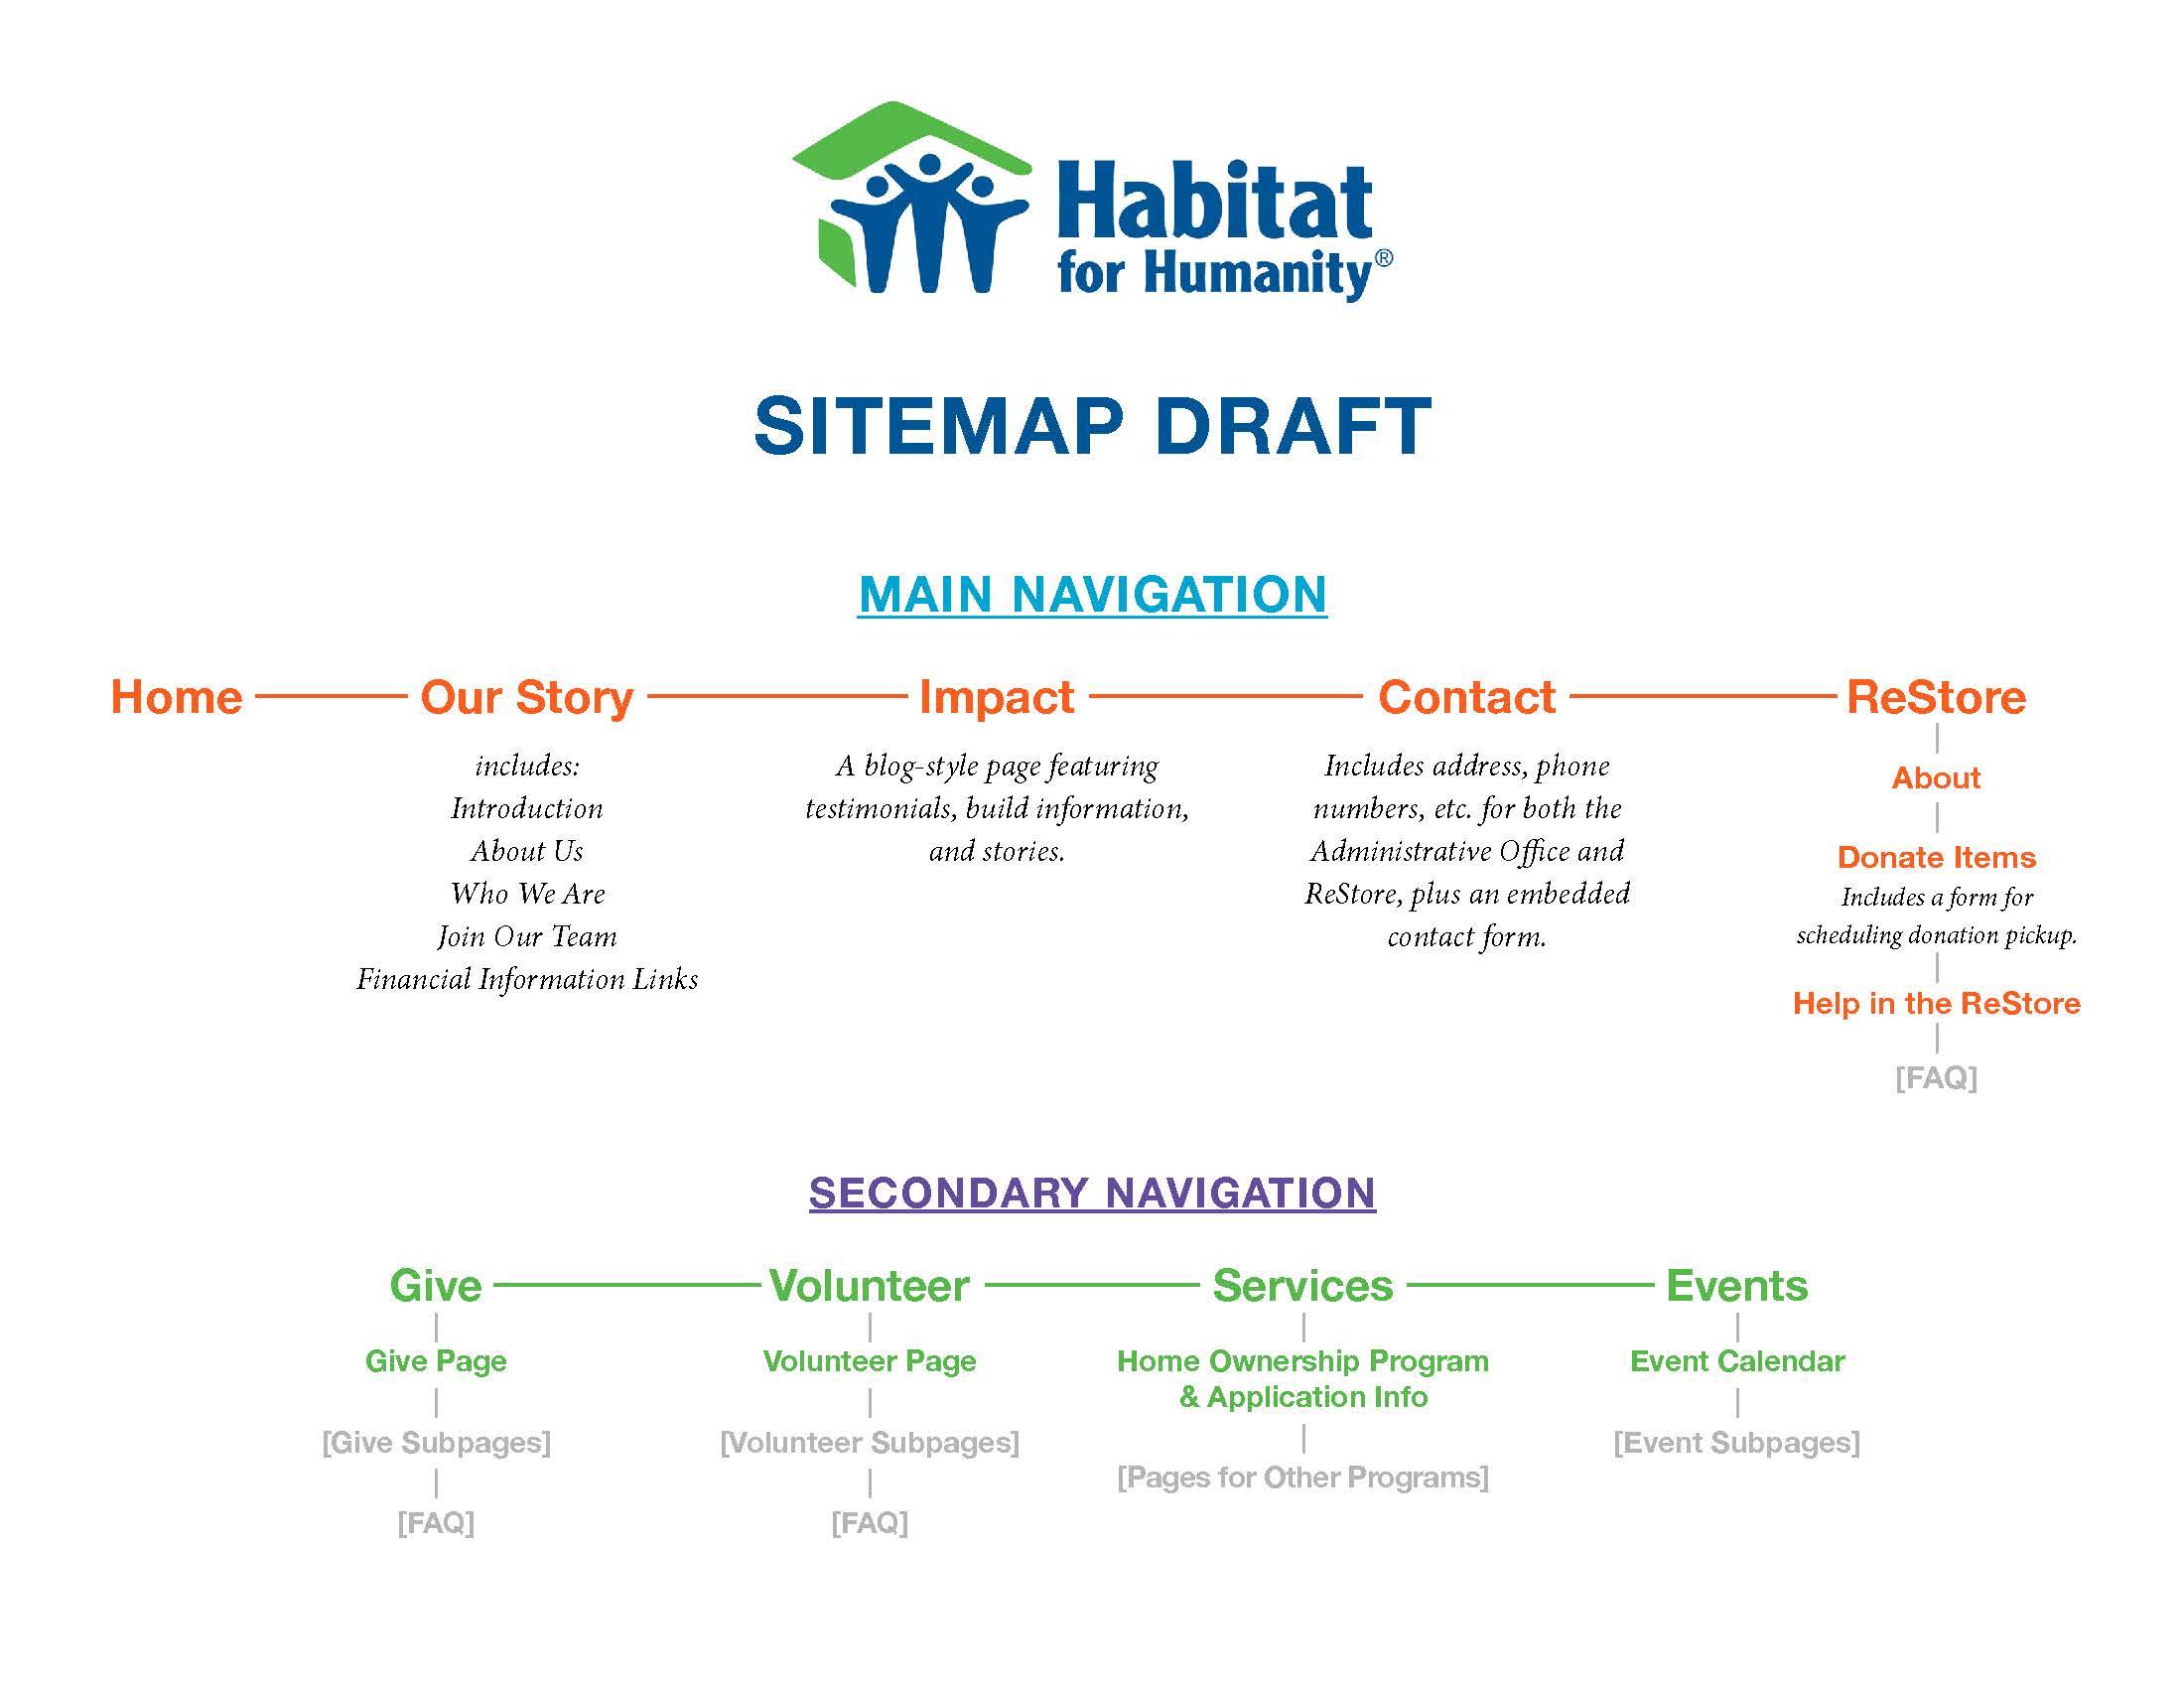 Habitat_Sitemap_v2.jpg